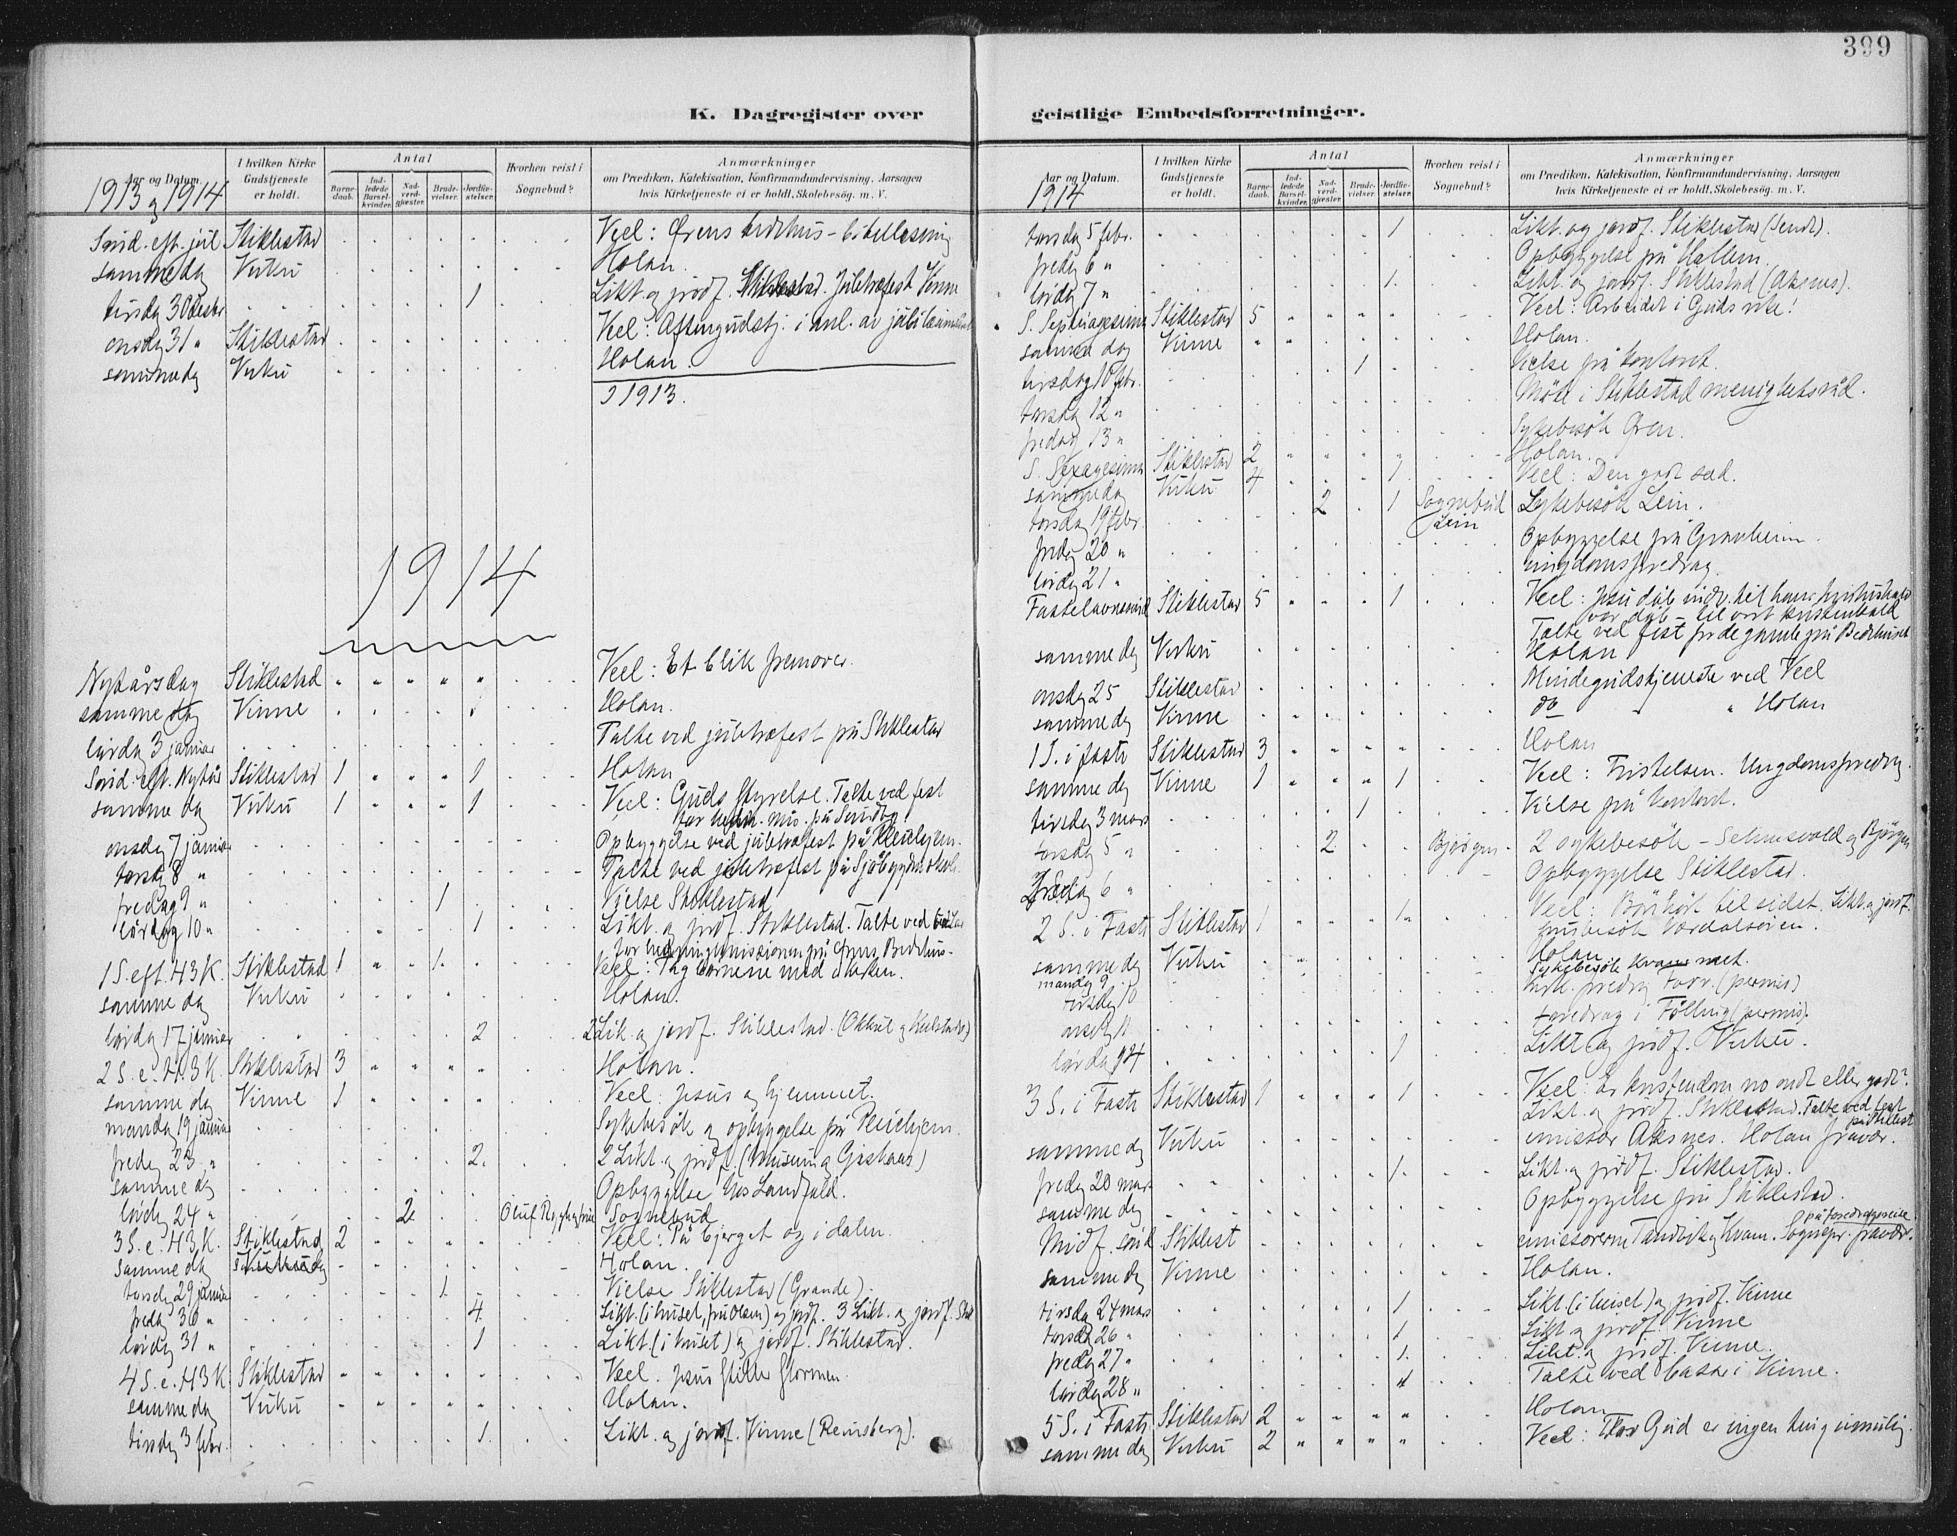 SAT, Ministerialprotokoller, klokkerbøker og fødselsregistre - Nord-Trøndelag, 723/L0246: Ministerialbok nr. 723A15, 1900-1917, s. 399